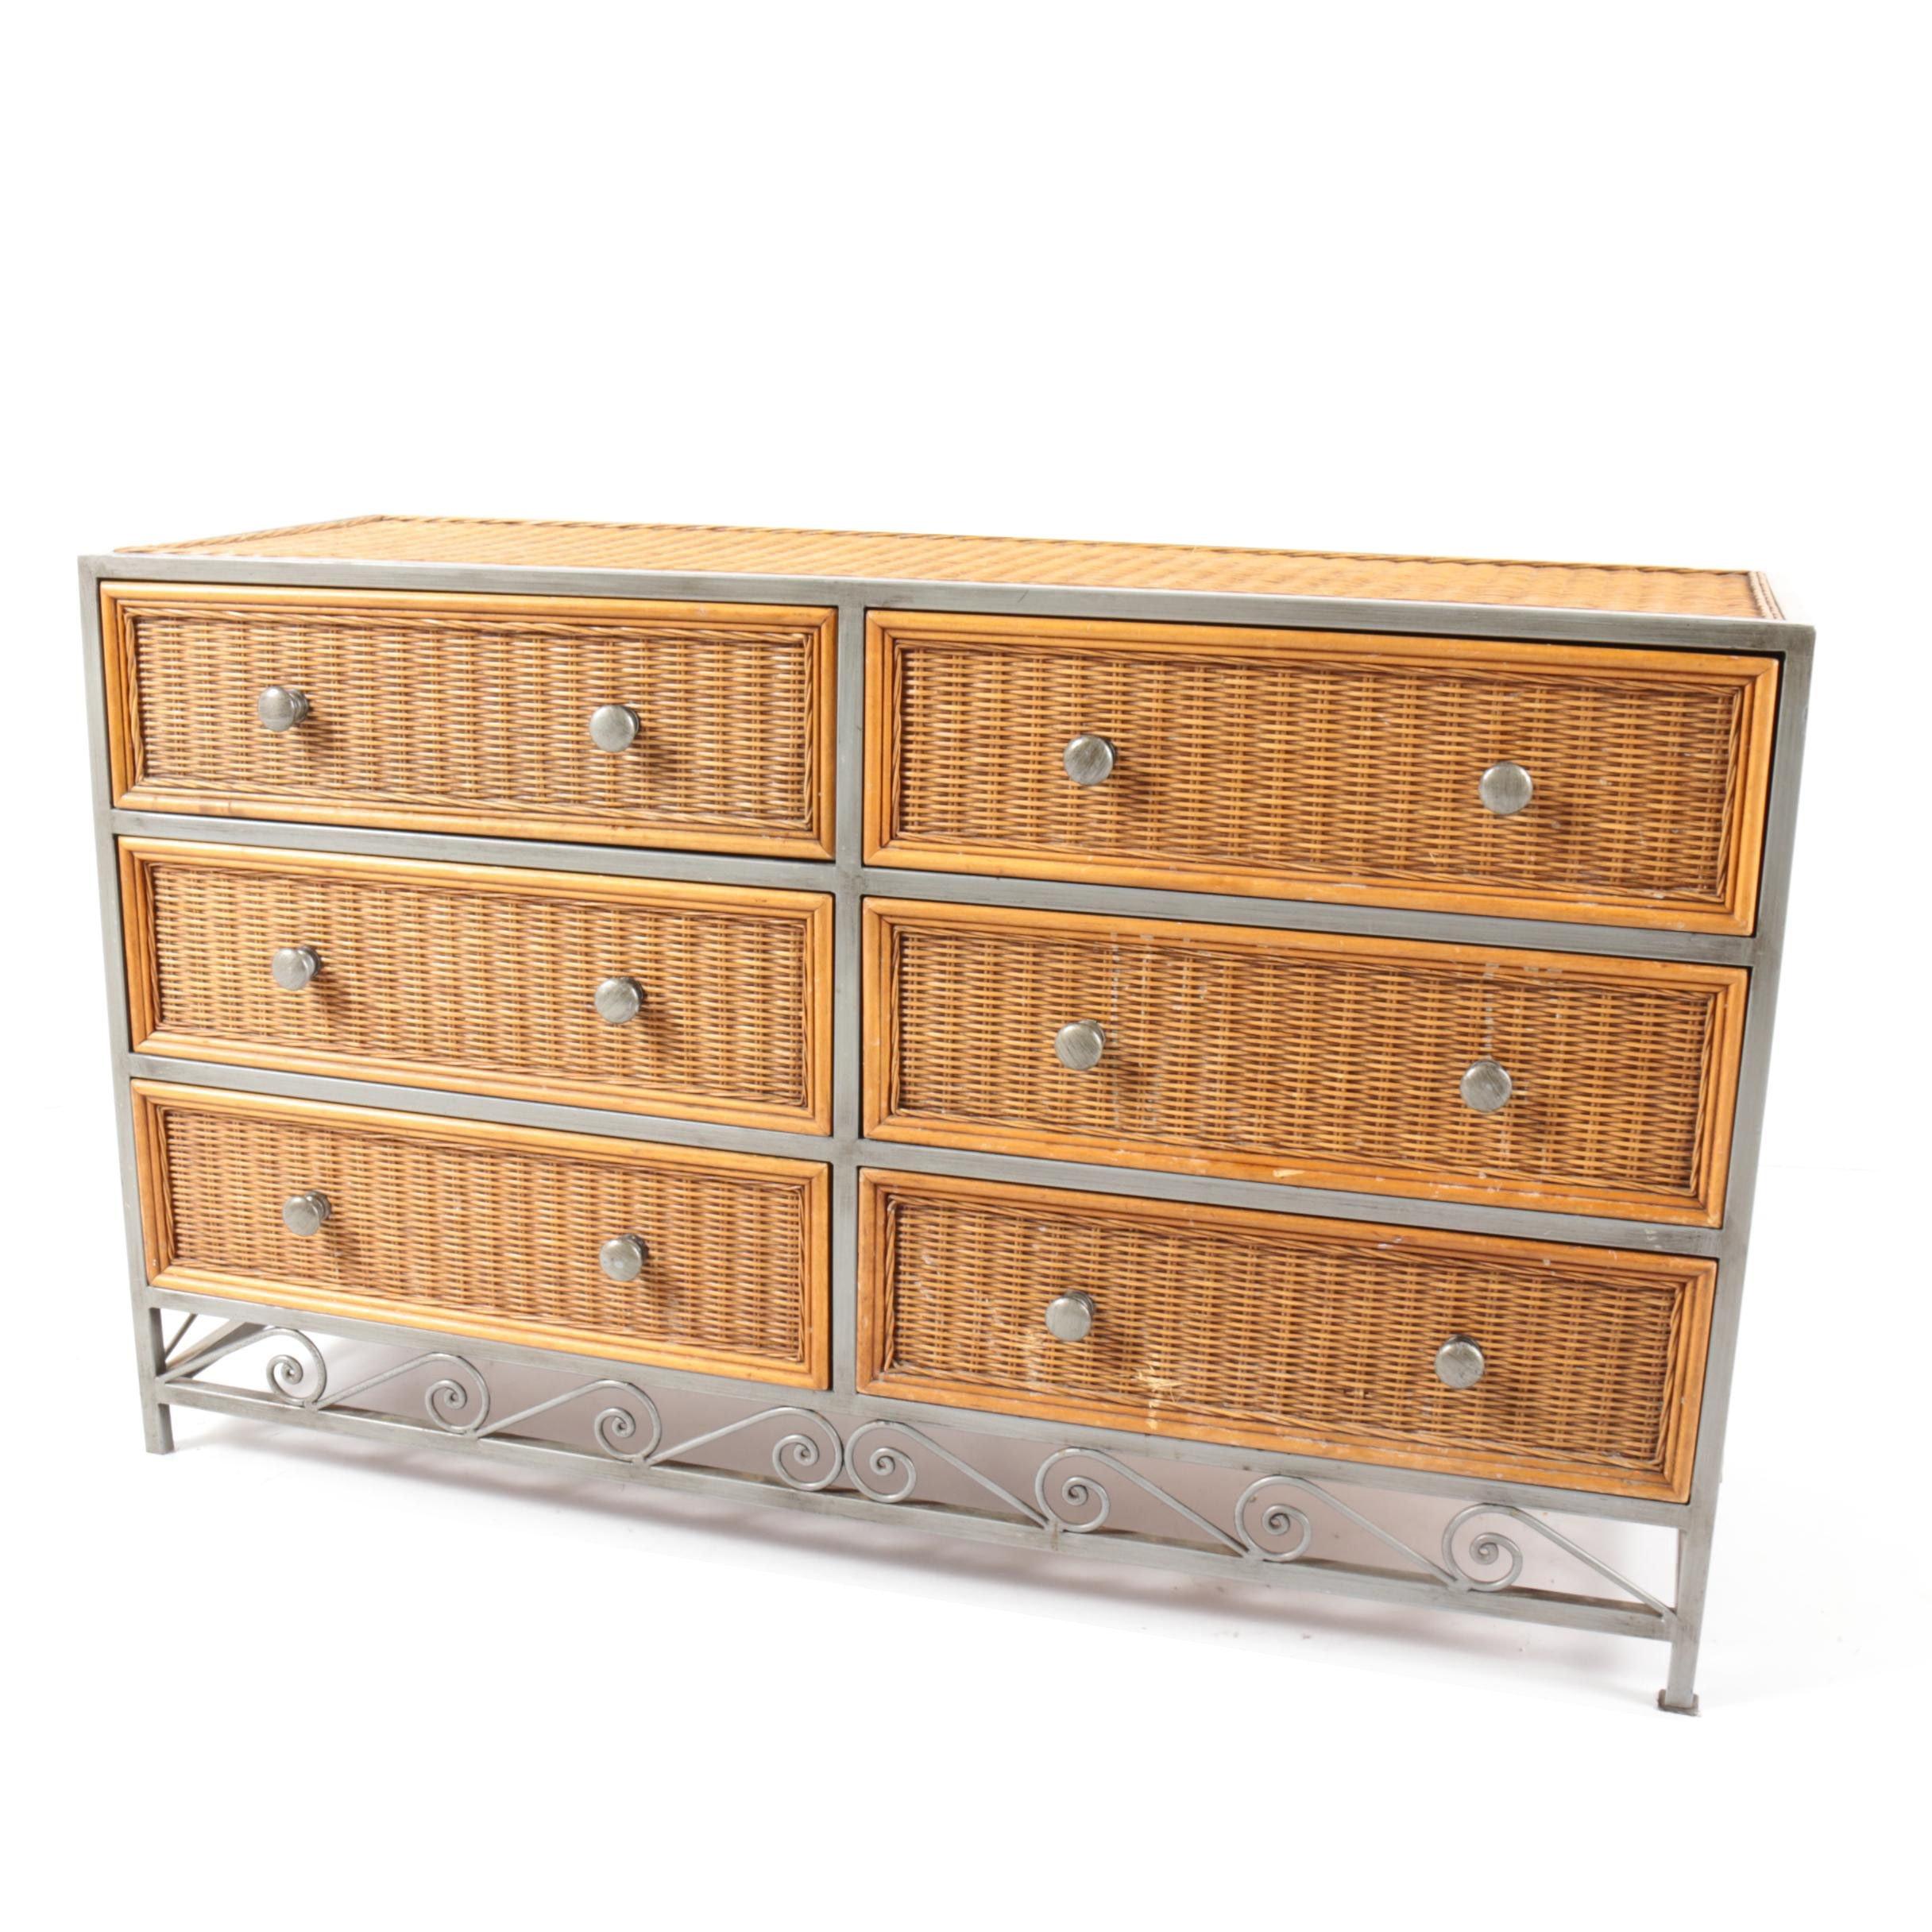 Woven Wicker Panel Dresser by Pier 1 Imports